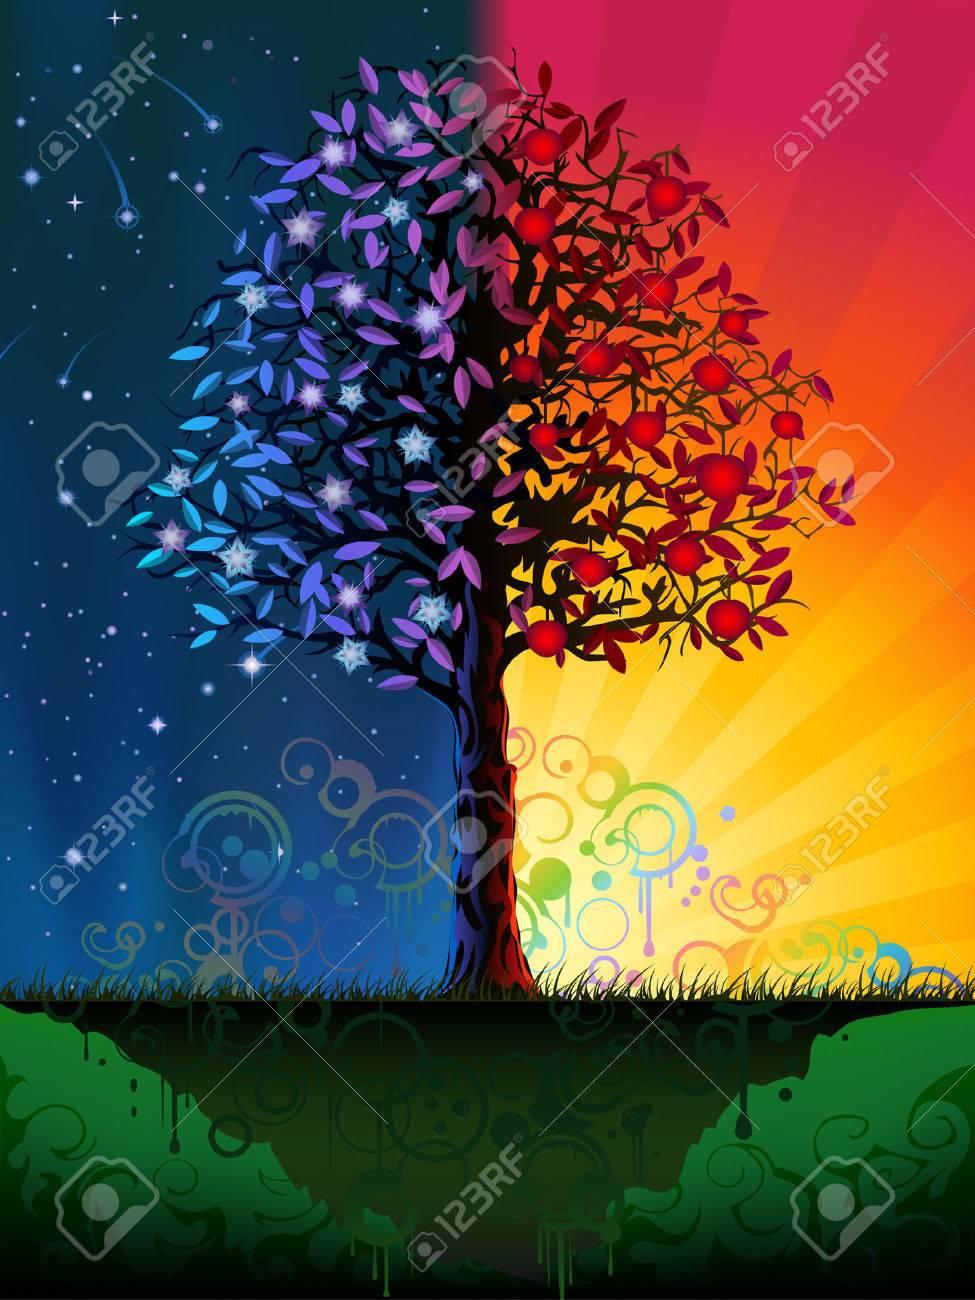 Noche Y Dia Dibujos Busqueda De Google Arte De Arboles Arboles De Colores Pinturas Abstractas